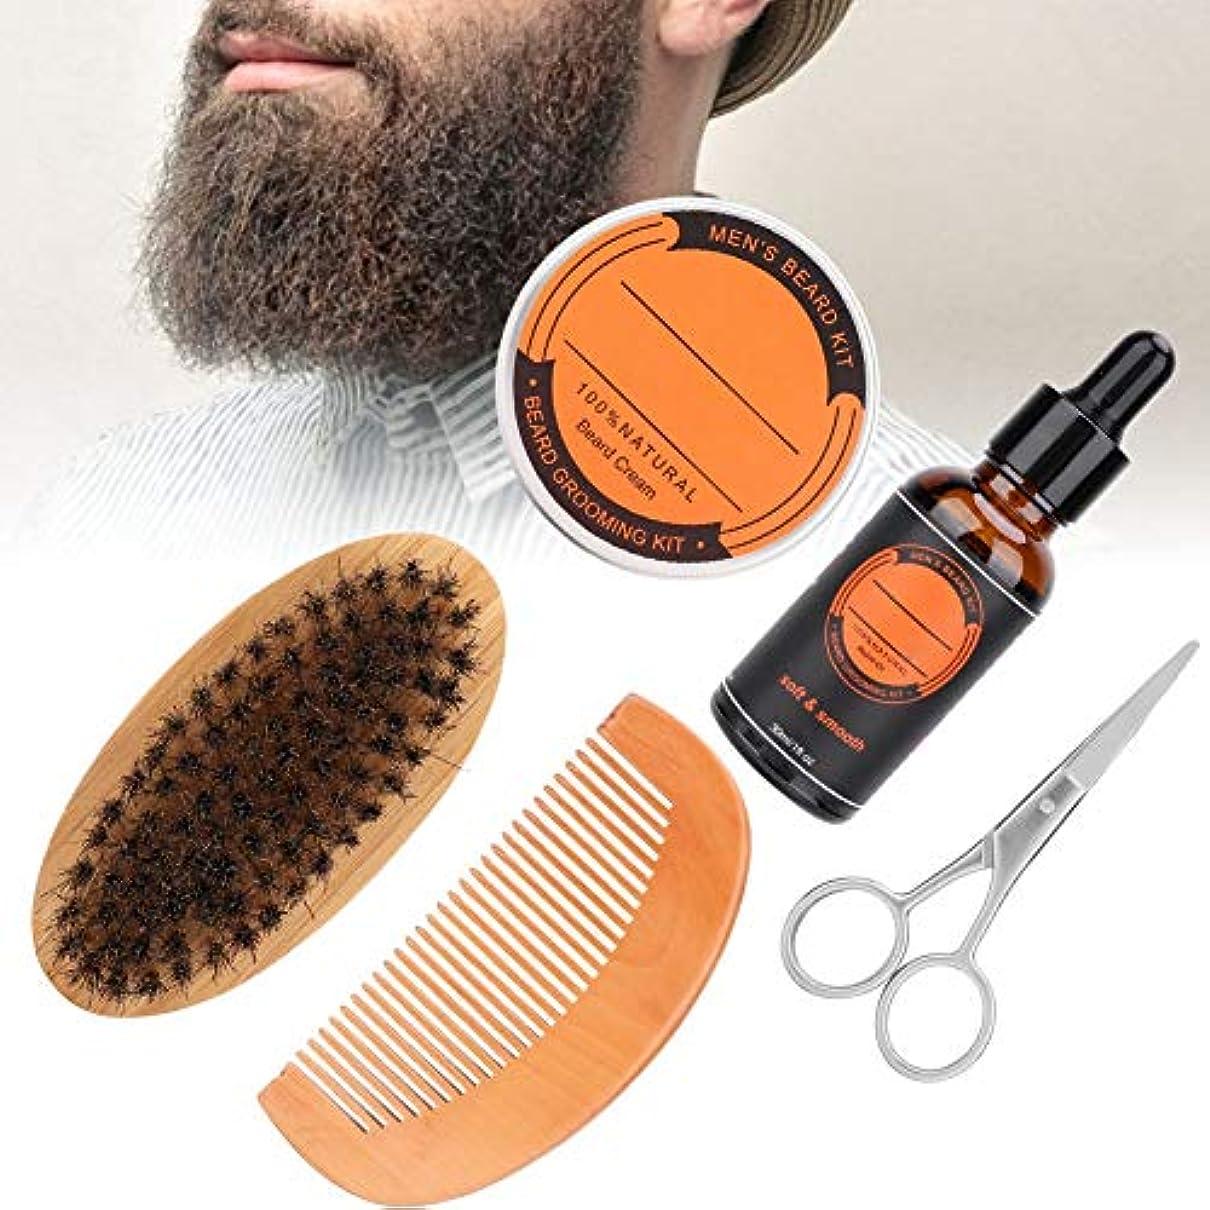 ハーネス電気的いくつかの6本のひげの心配のセット、ひげの手入れをするキット、人のひげの心配のキット、人のひげの心配のキットとの最終的なひげの心配のキット香油+髭オイル+櫛+ブラシ+はさみ